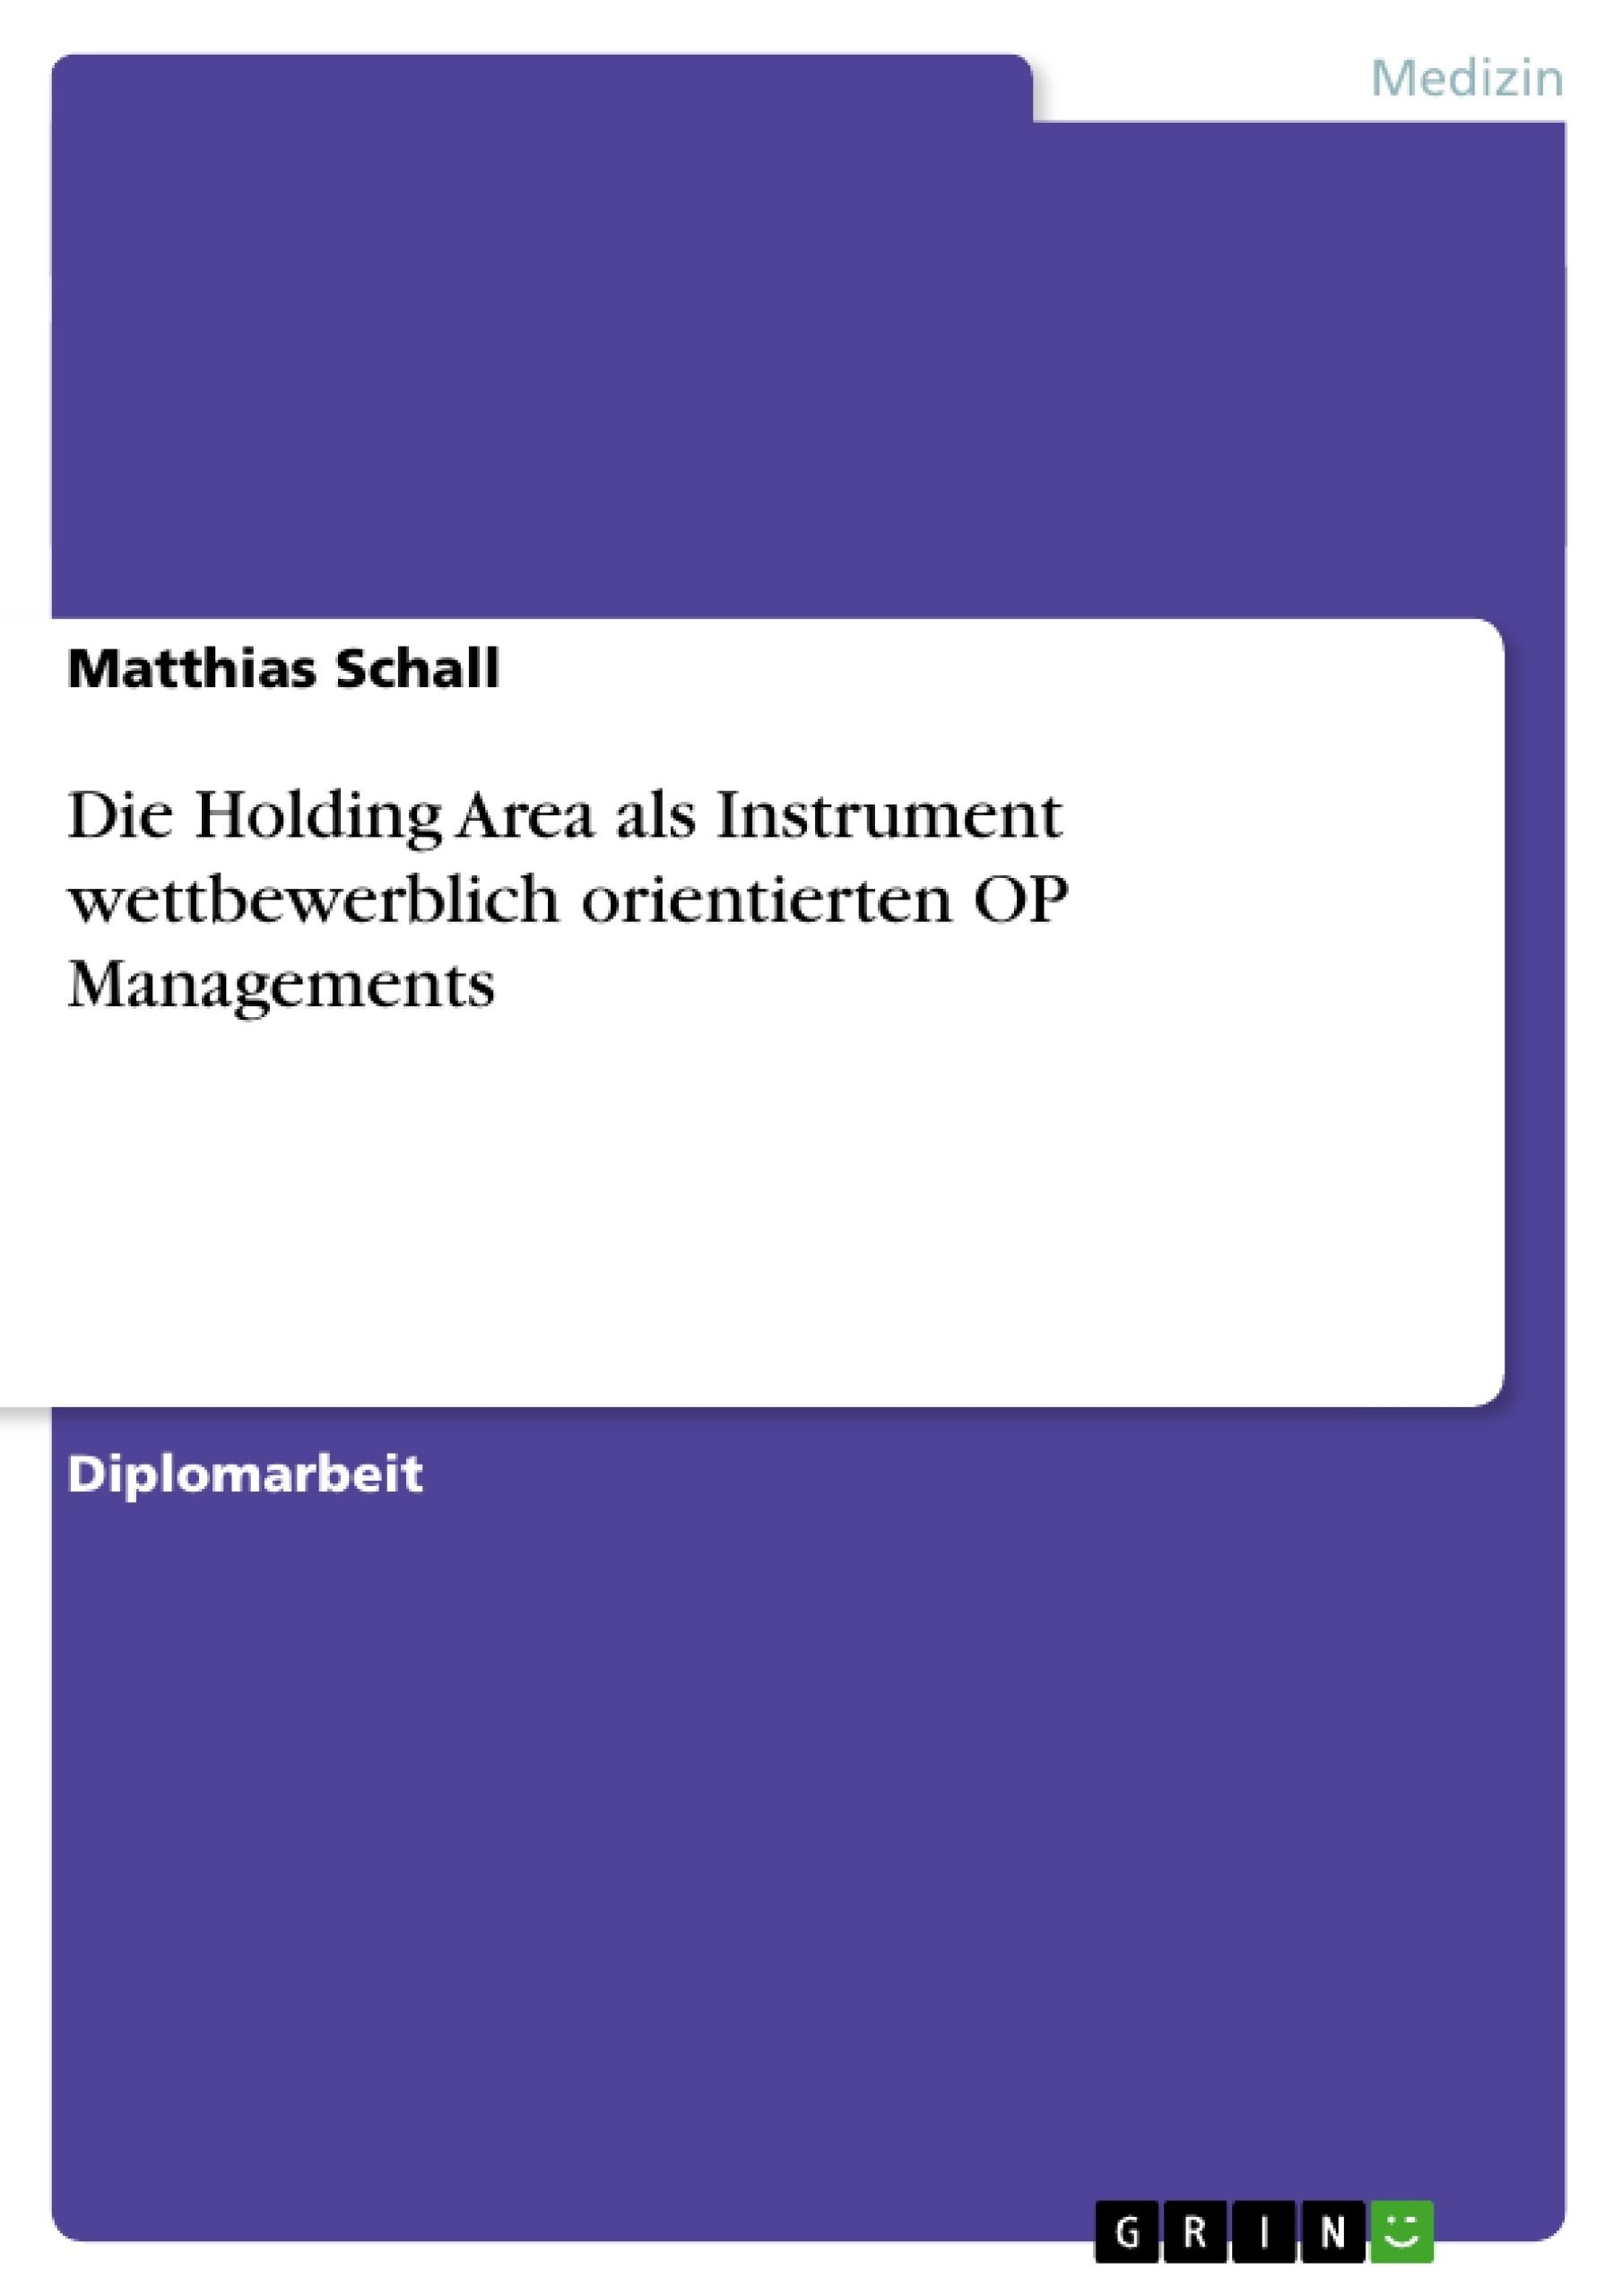 Titel: Die Holding Area als Instrument wettbewerblich orientierten OP Managements